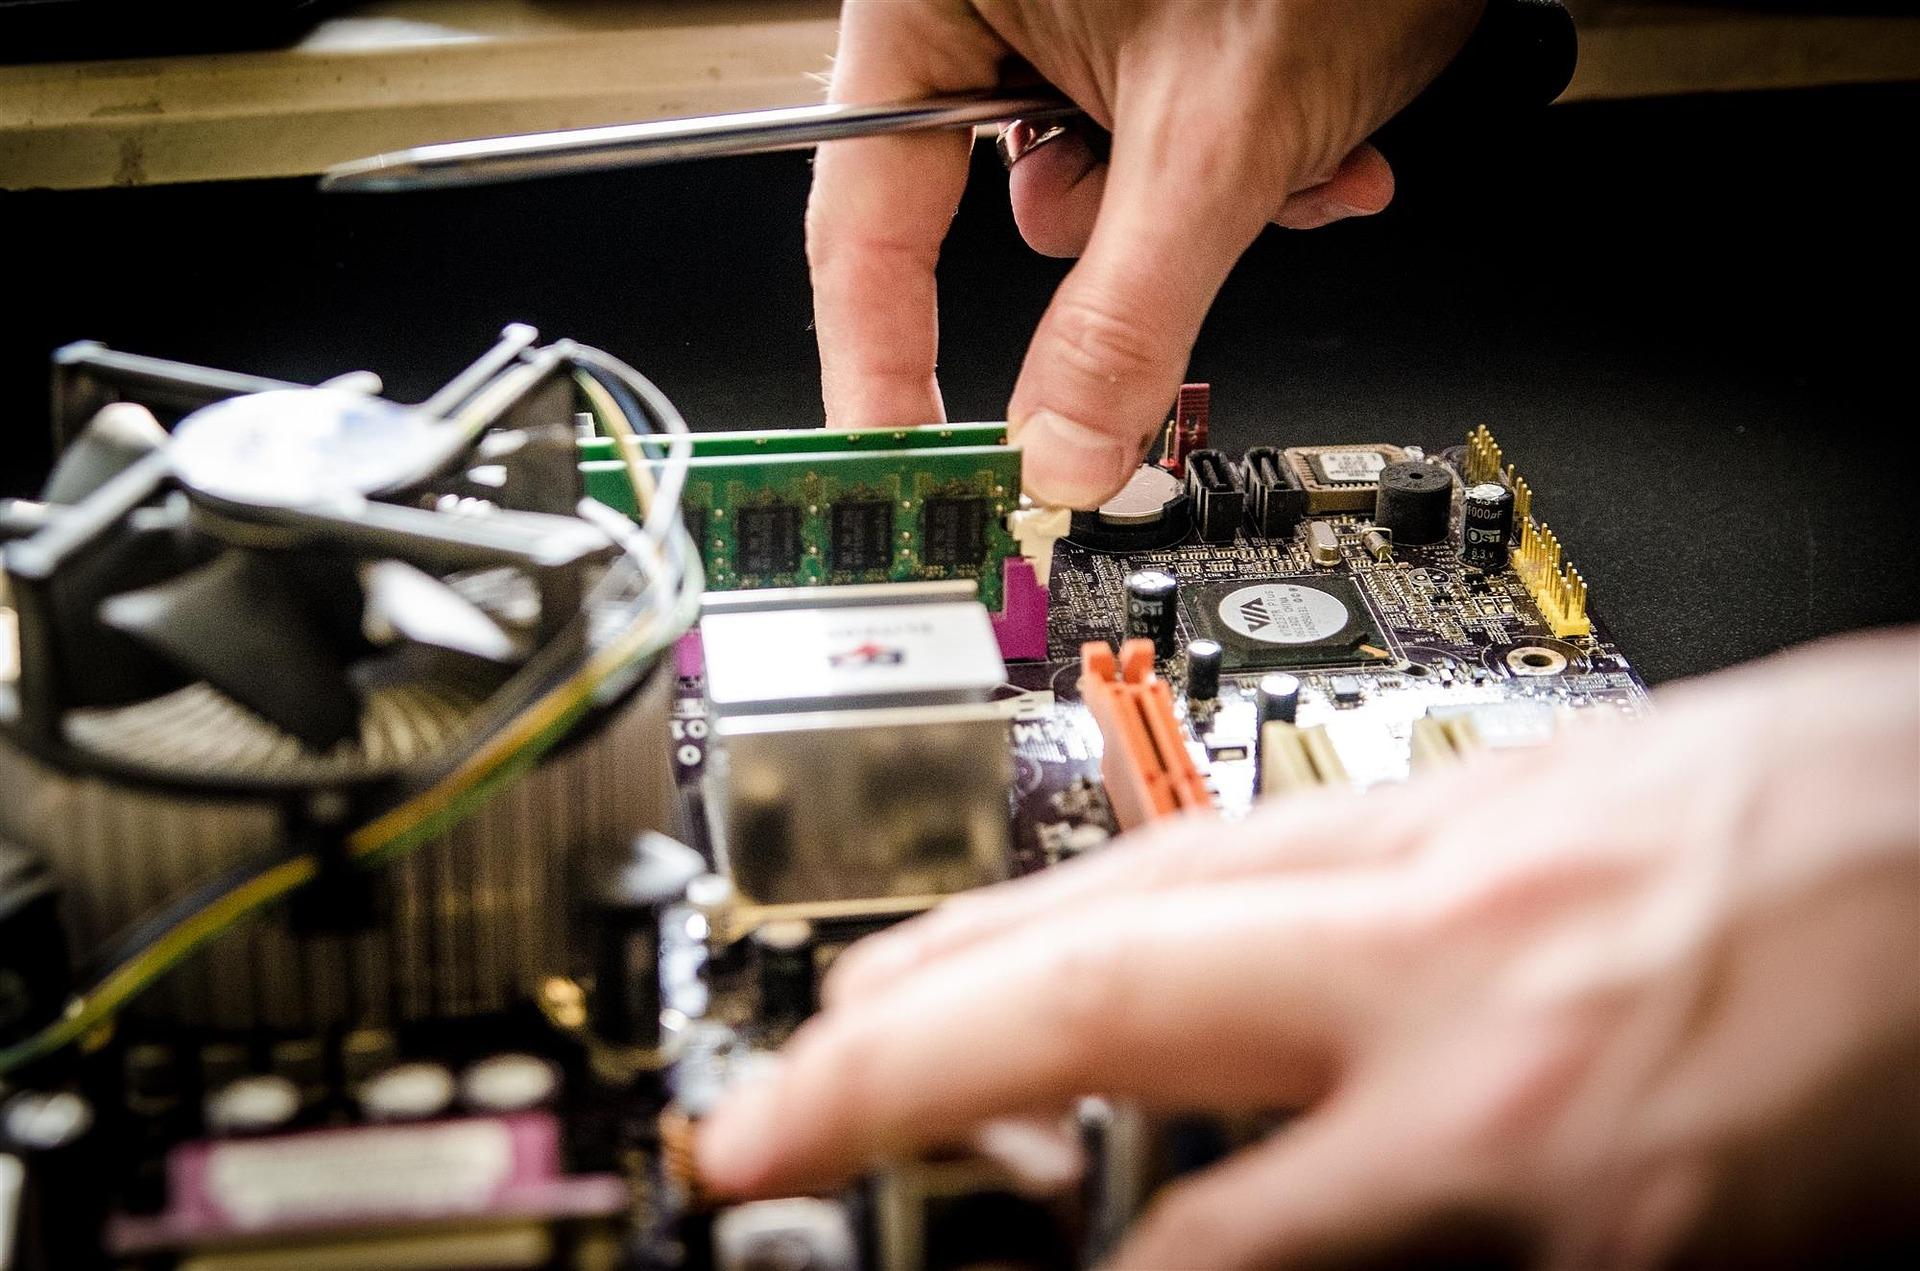 KABITEC-IT Computer